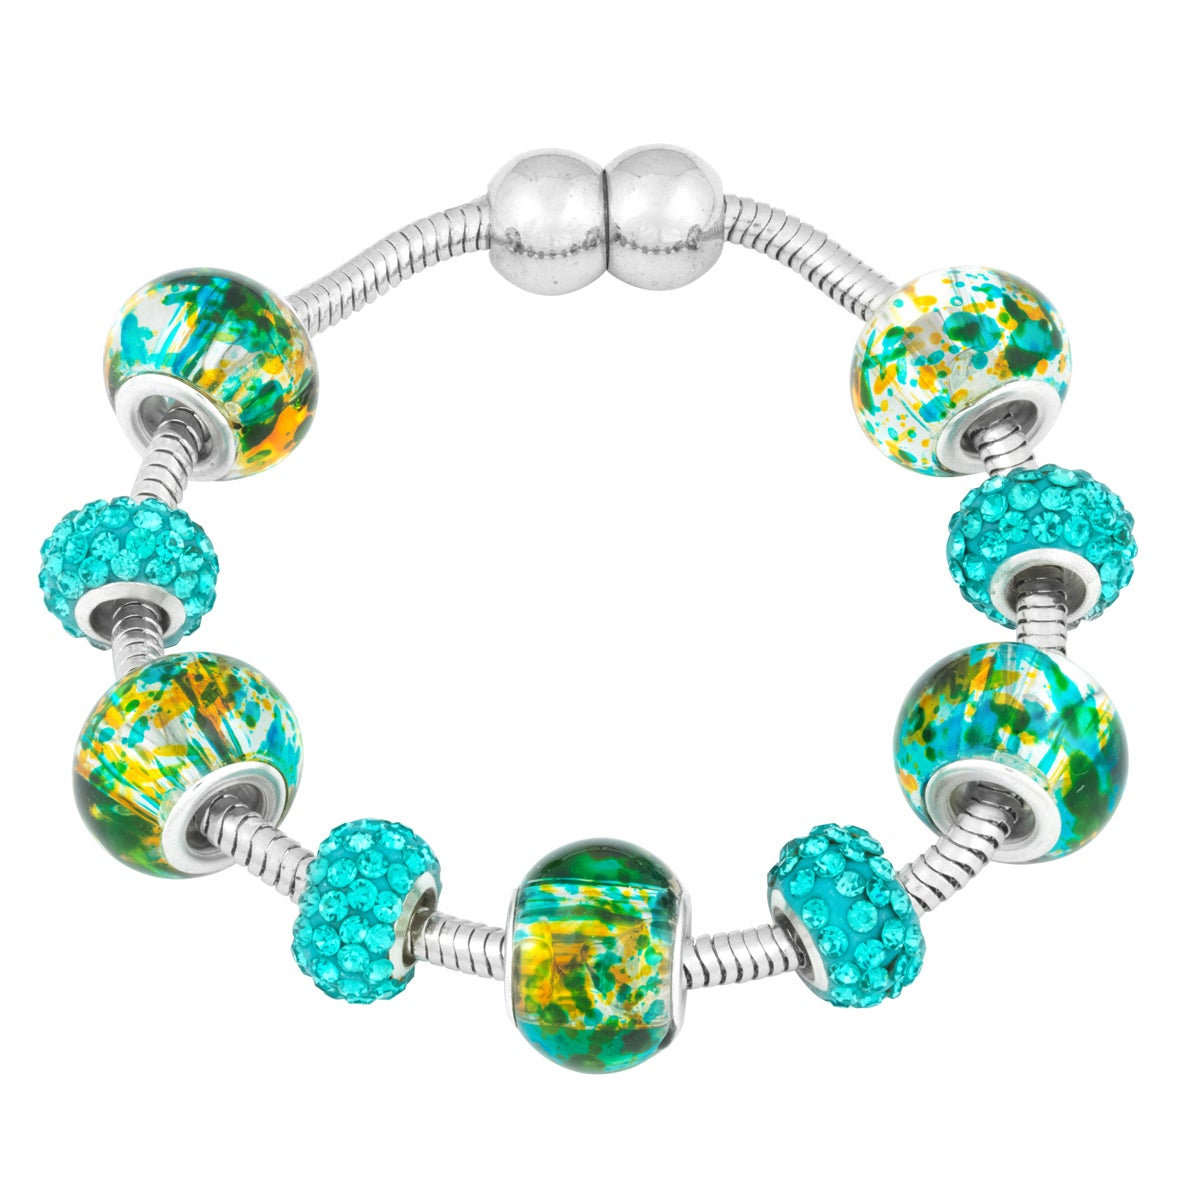 La Preciosa Silvertone Green/ Blue Crystal and Glass Bead...